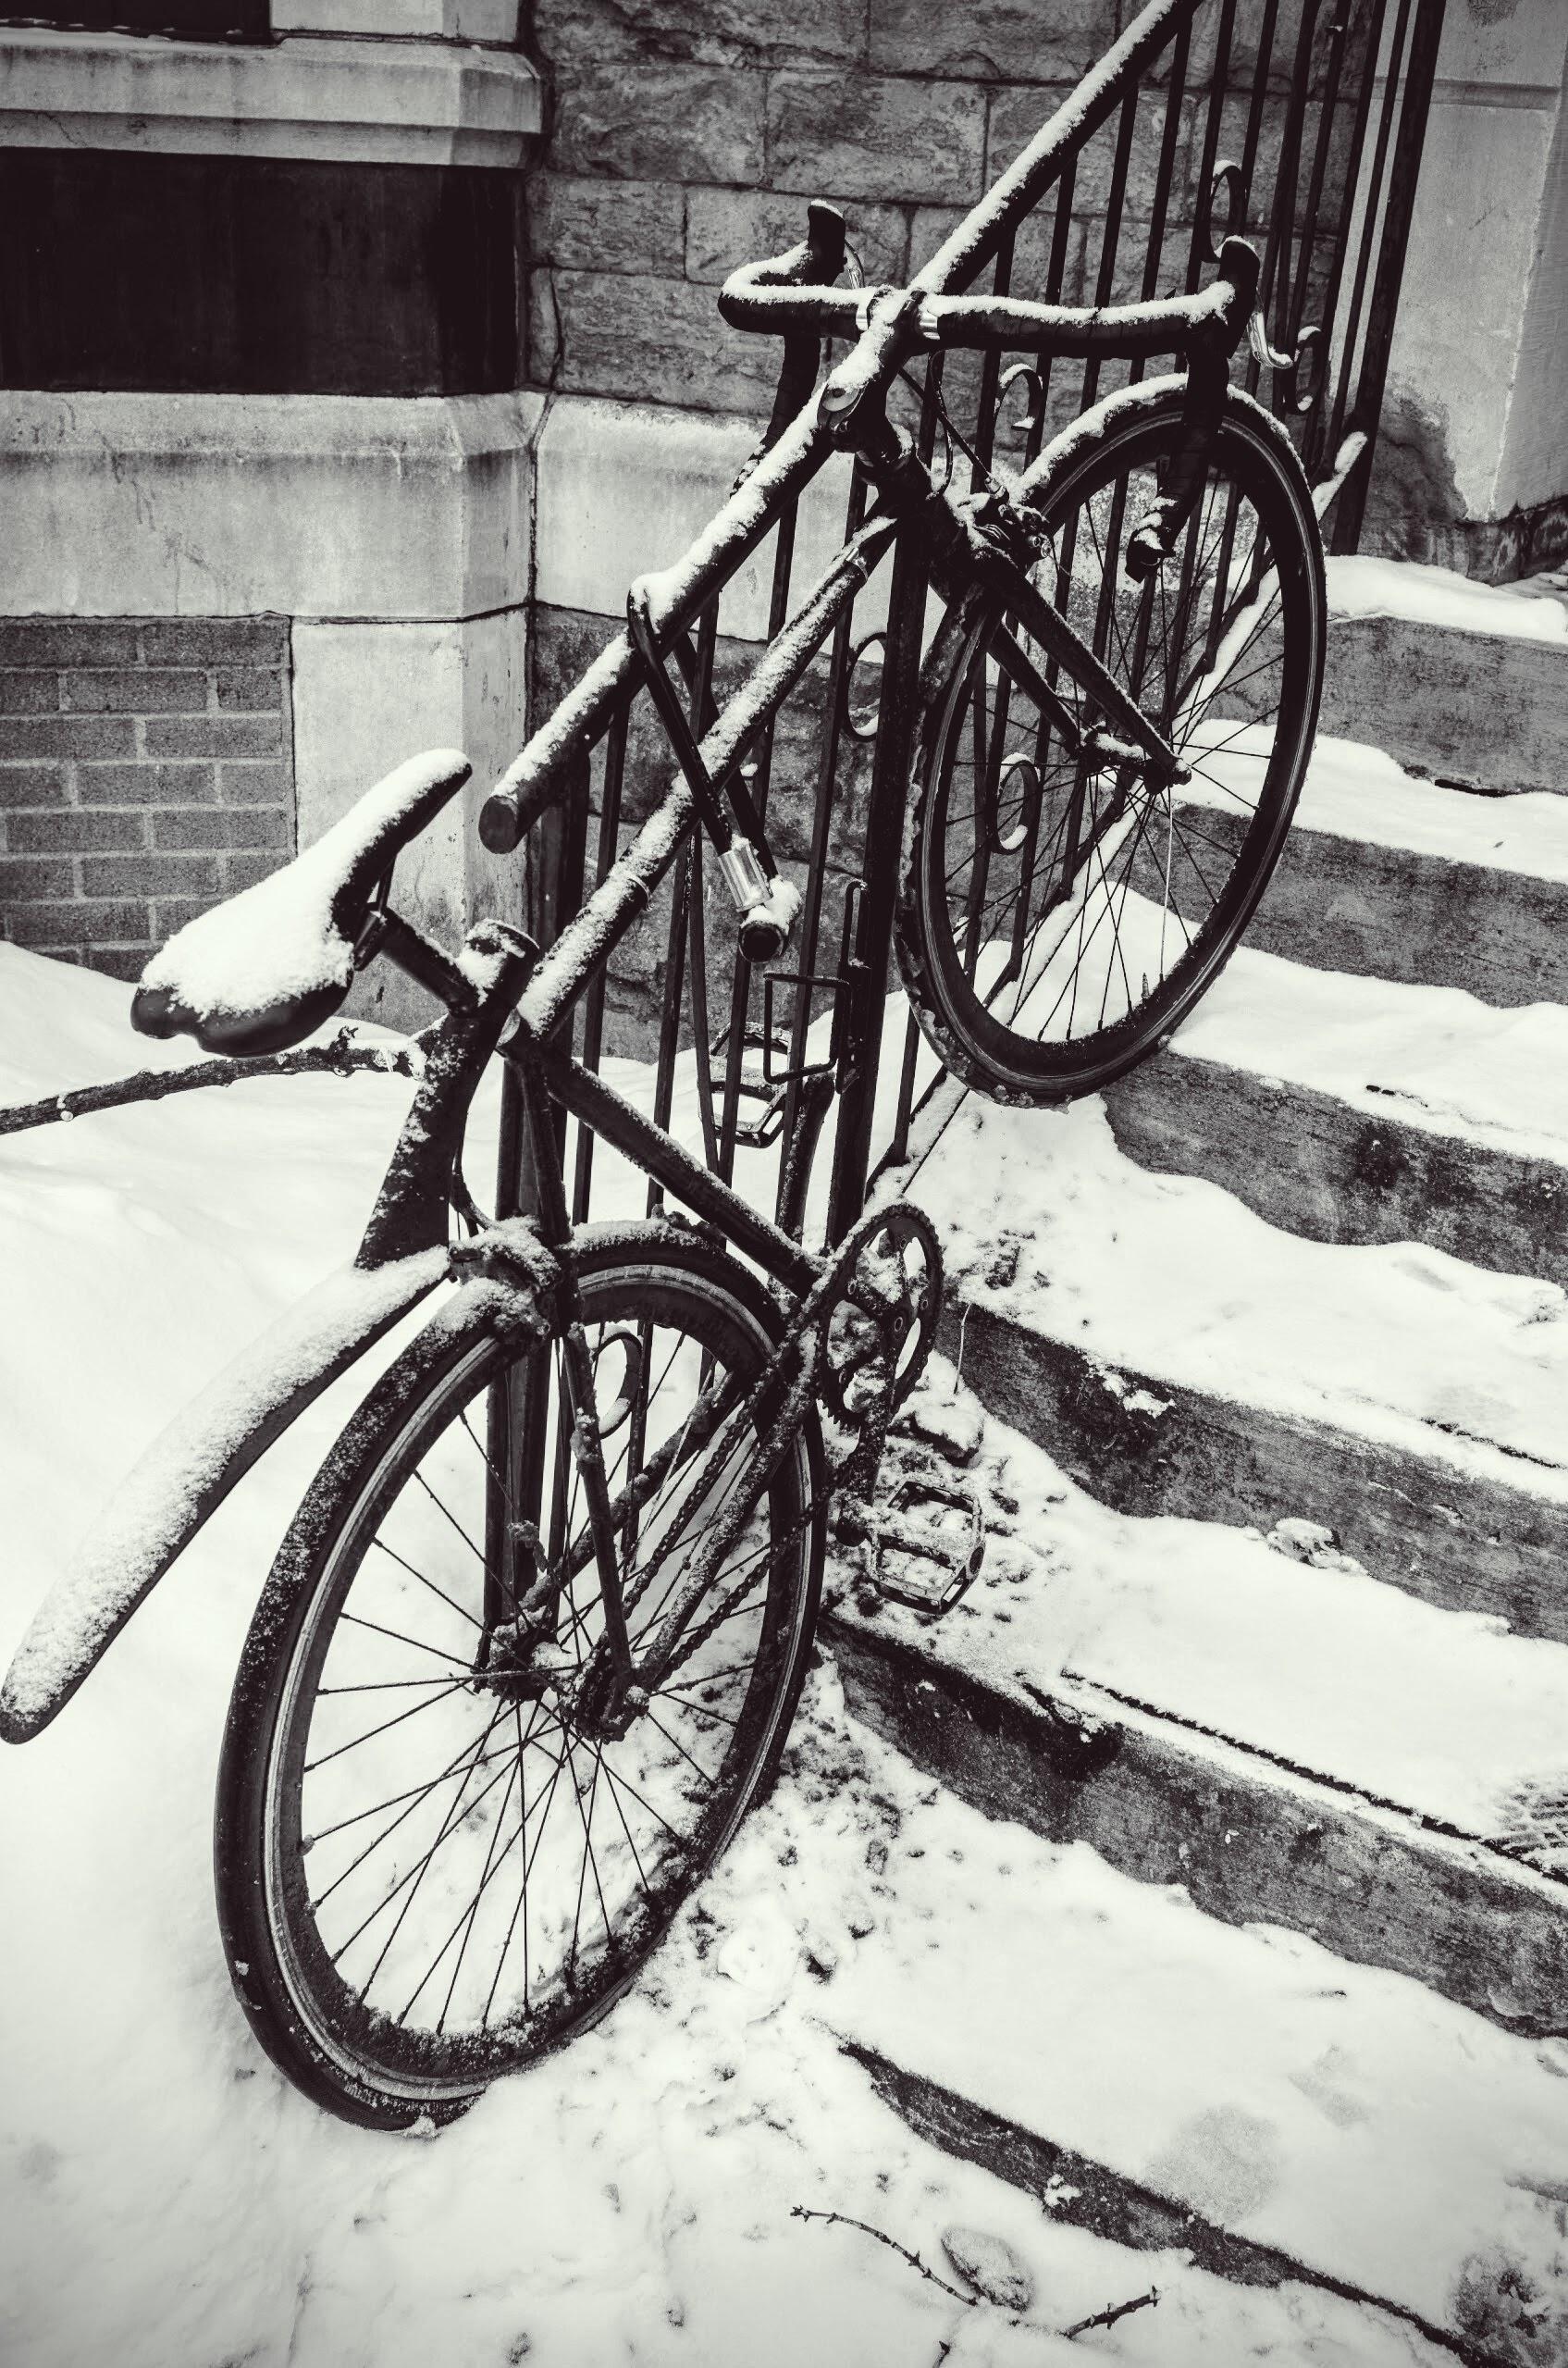 Montreal, nella regione del Quebec, Canada. Molti studenti utilizzano la bicicletta per spostarsi anche nel nevoso periodo invernale.